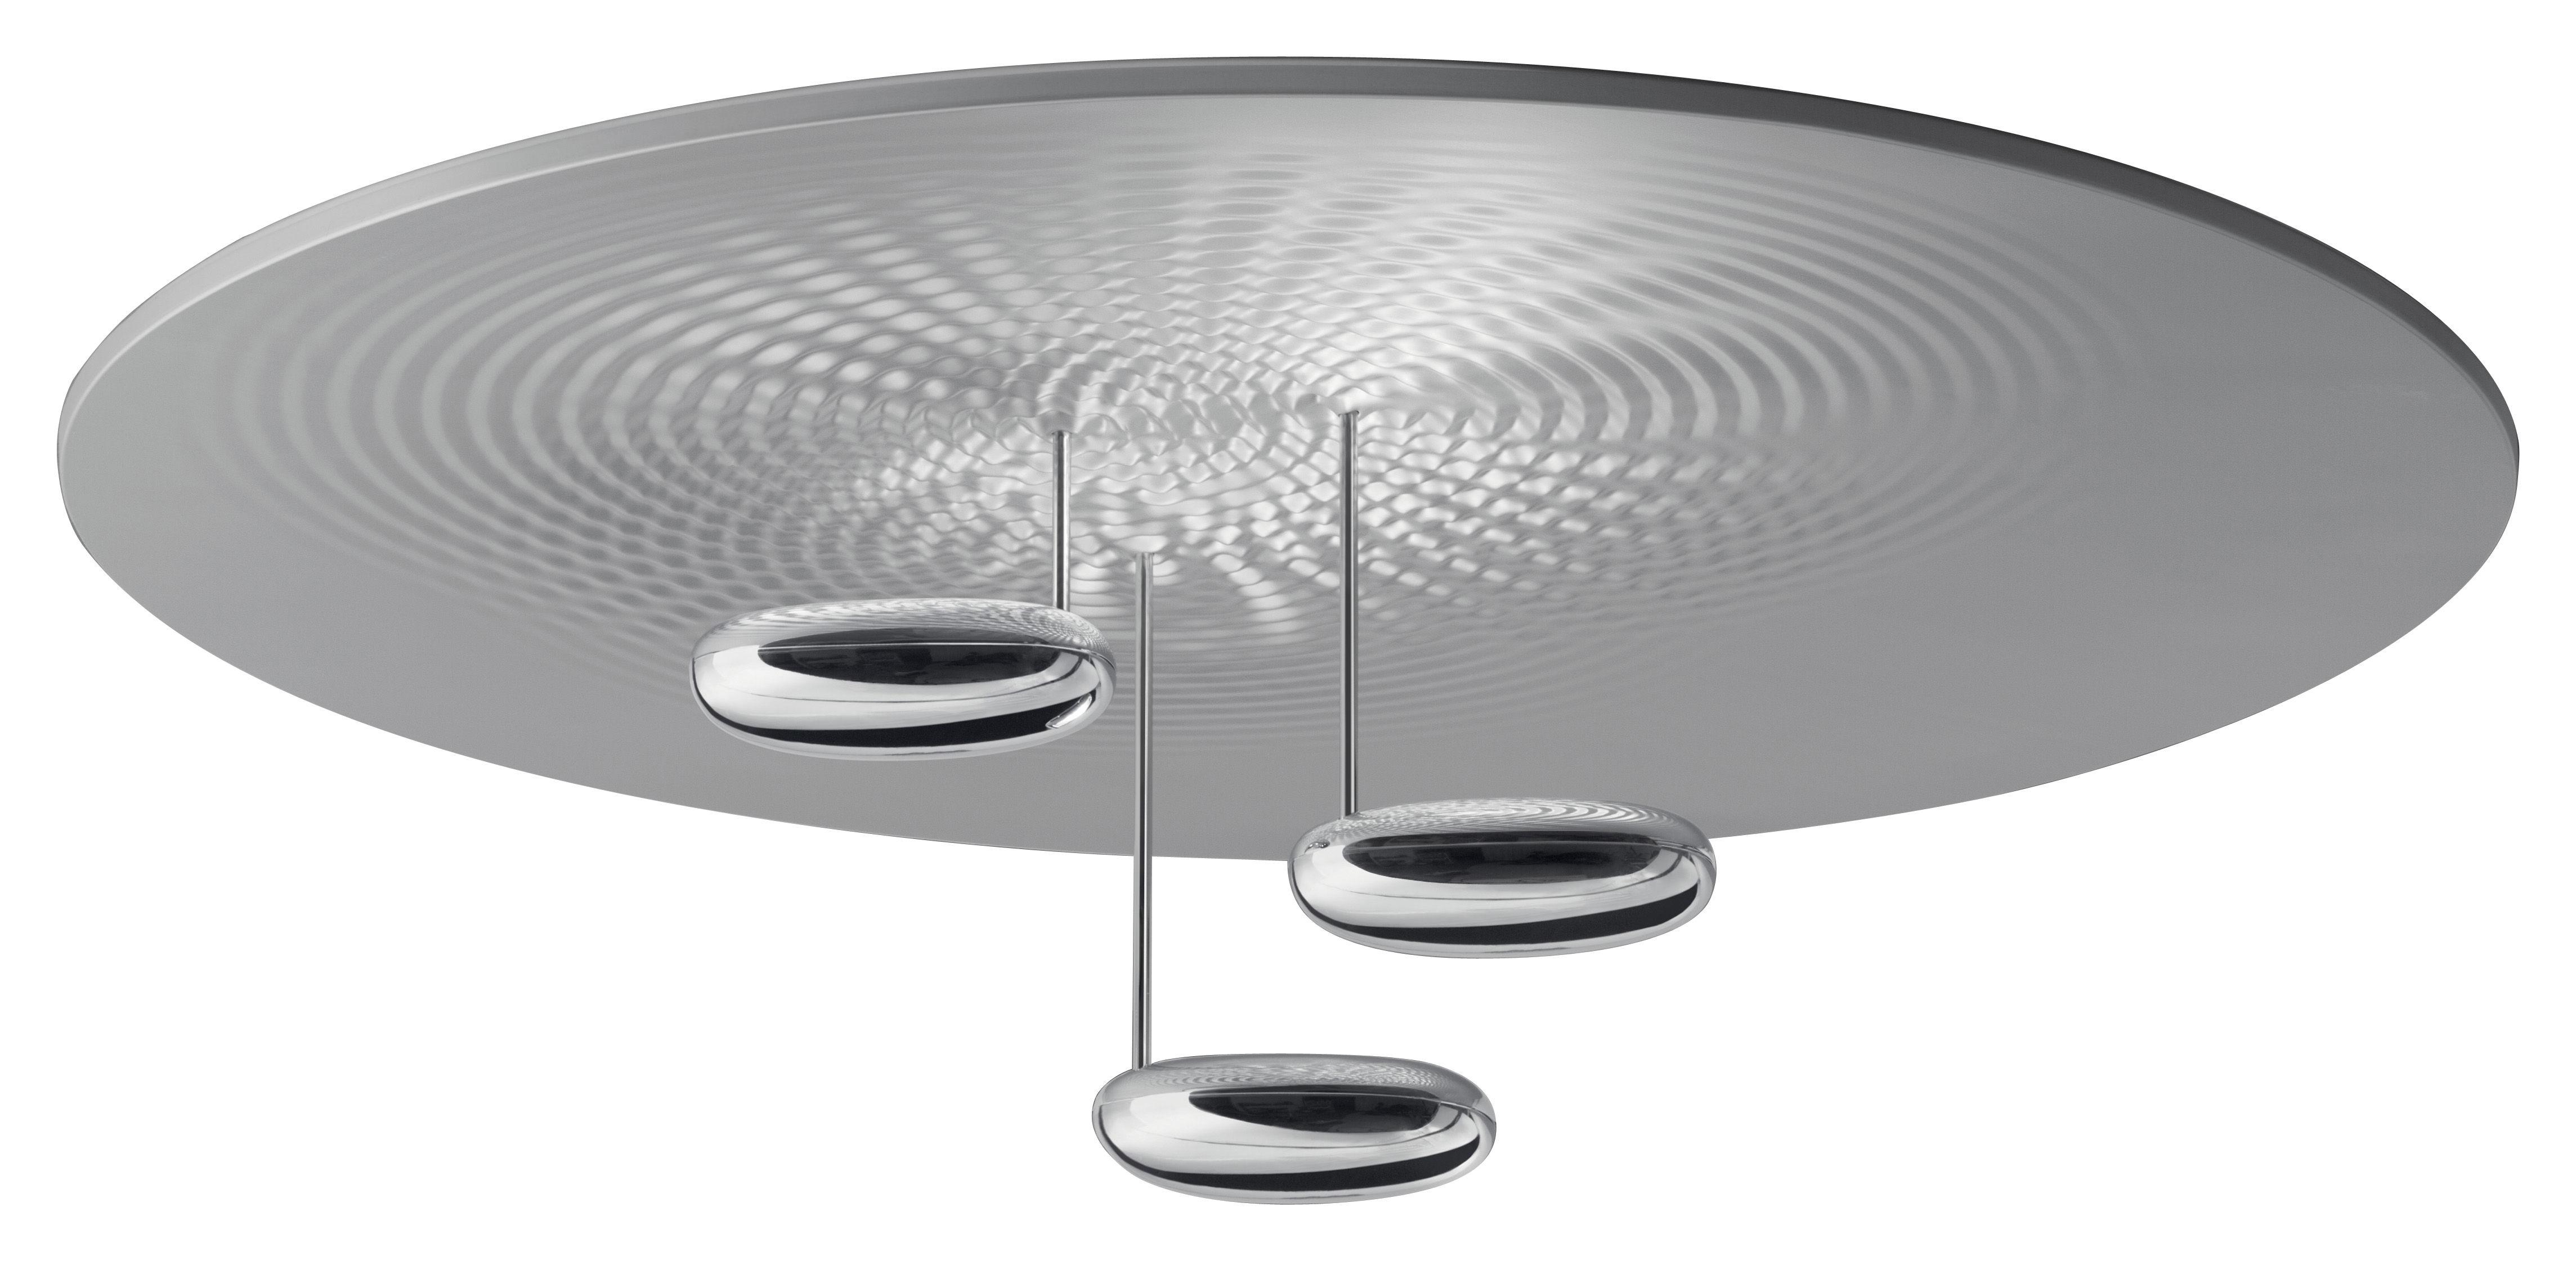 Illuminazione - Plafoniere - Plafoniera Droplet - LED di Artemide -  - Alluminio cromato, alluminio satinato